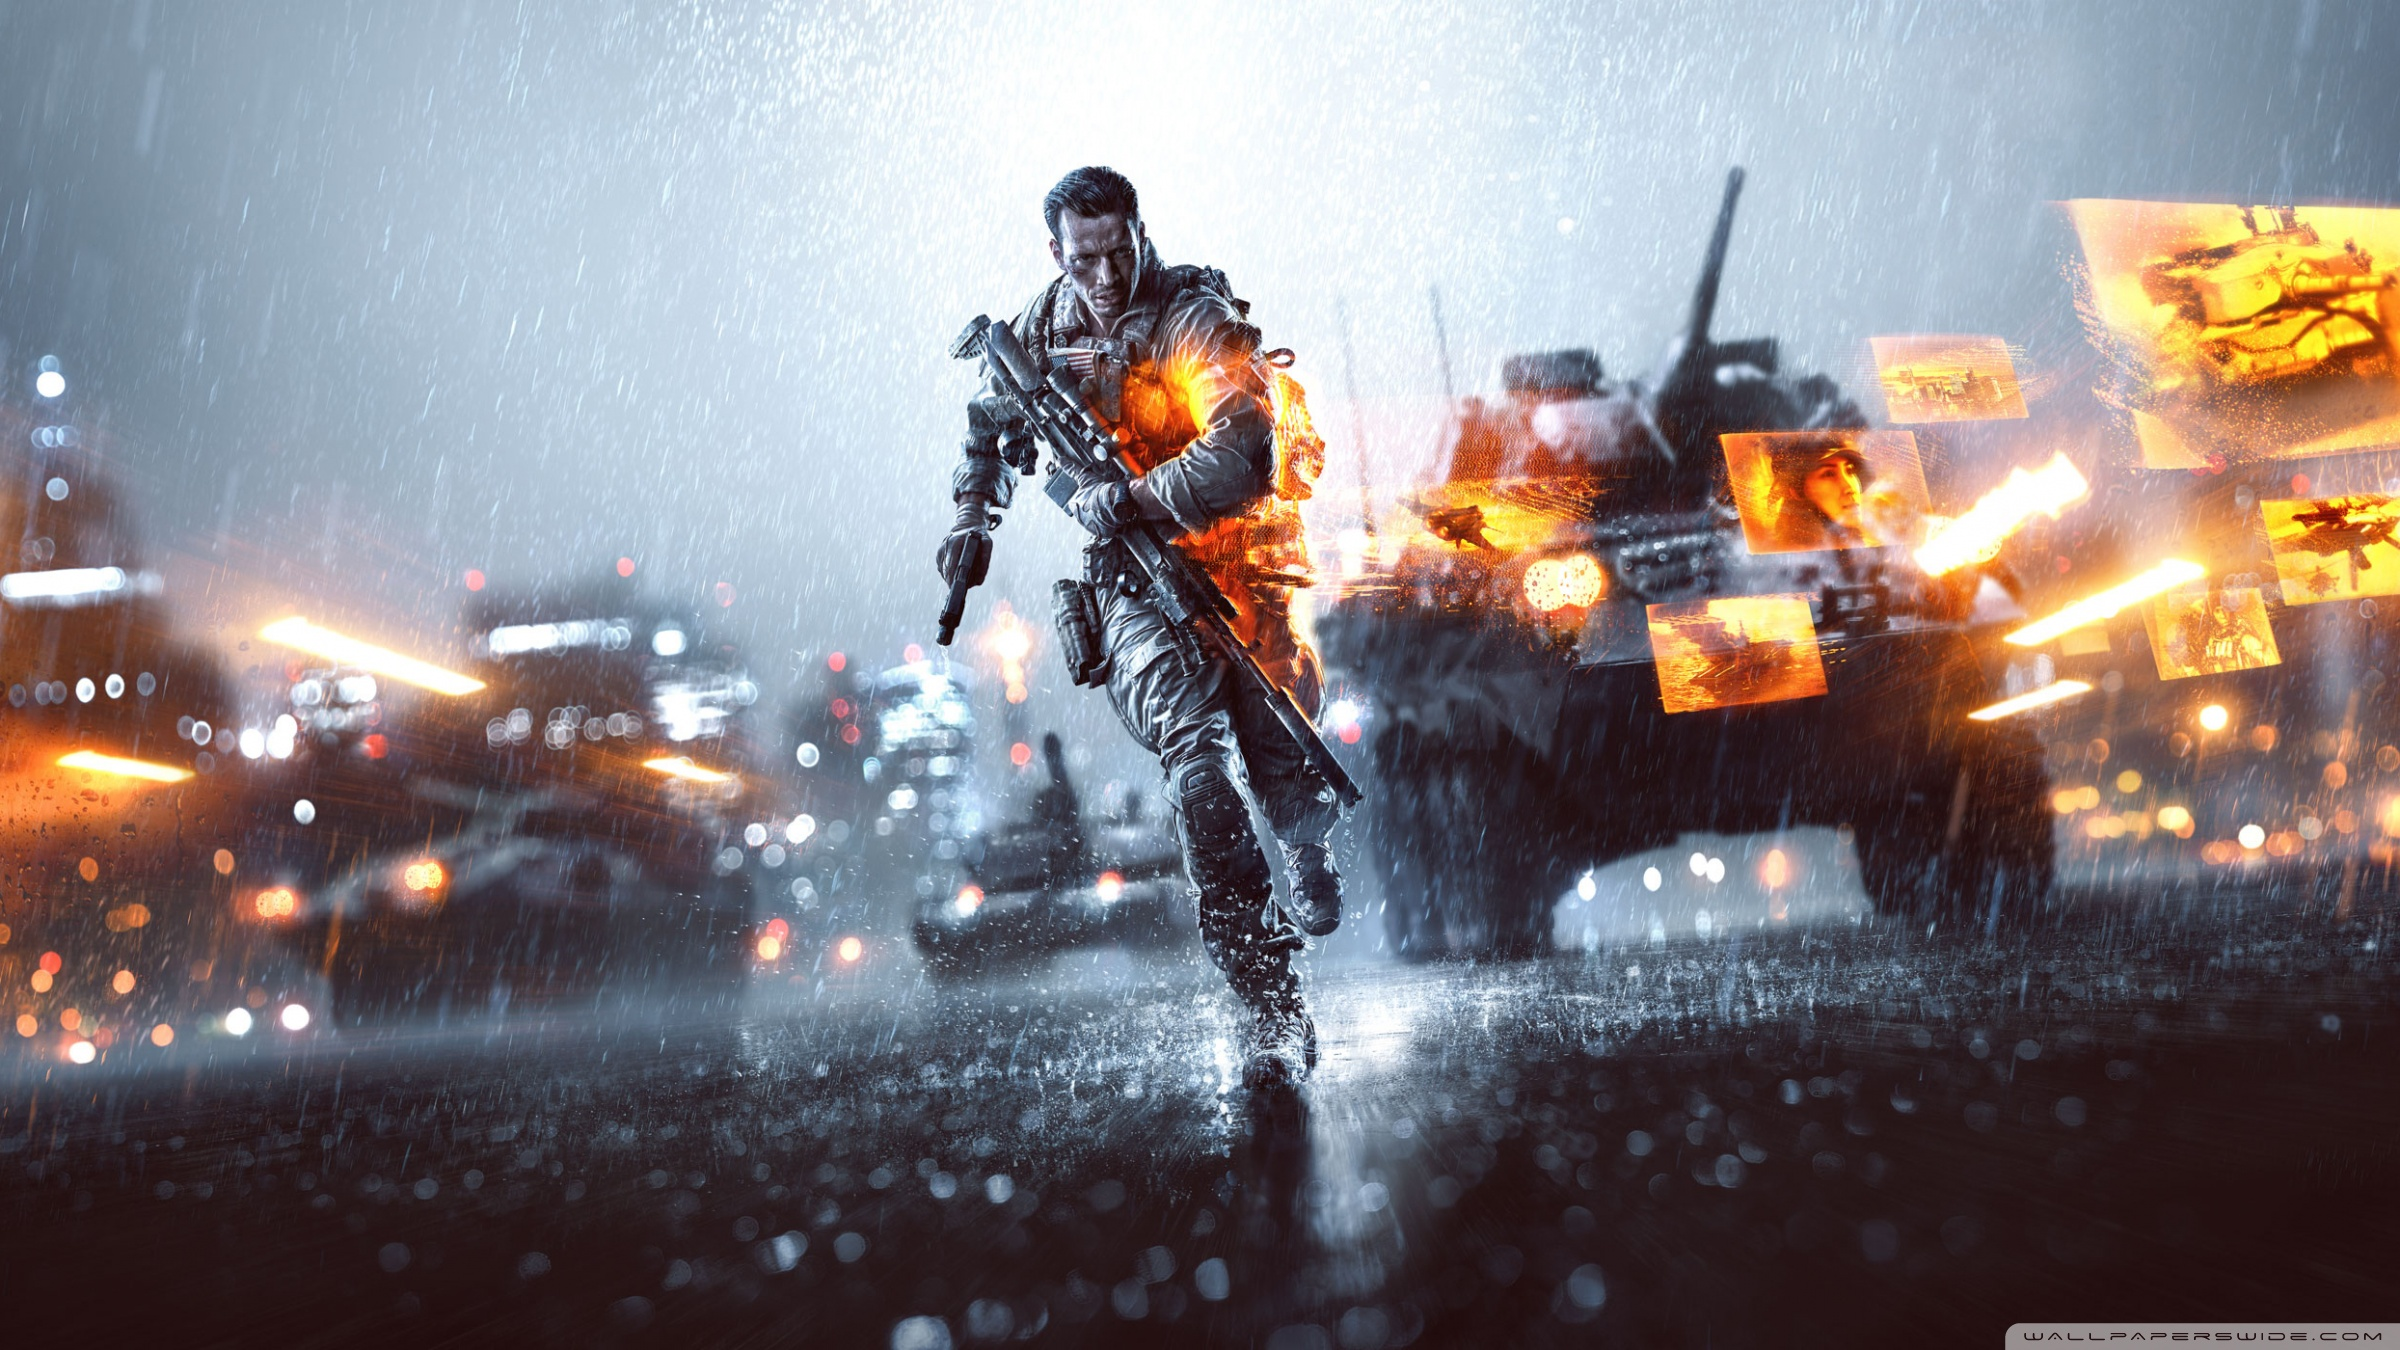 Battlefield 4 hd